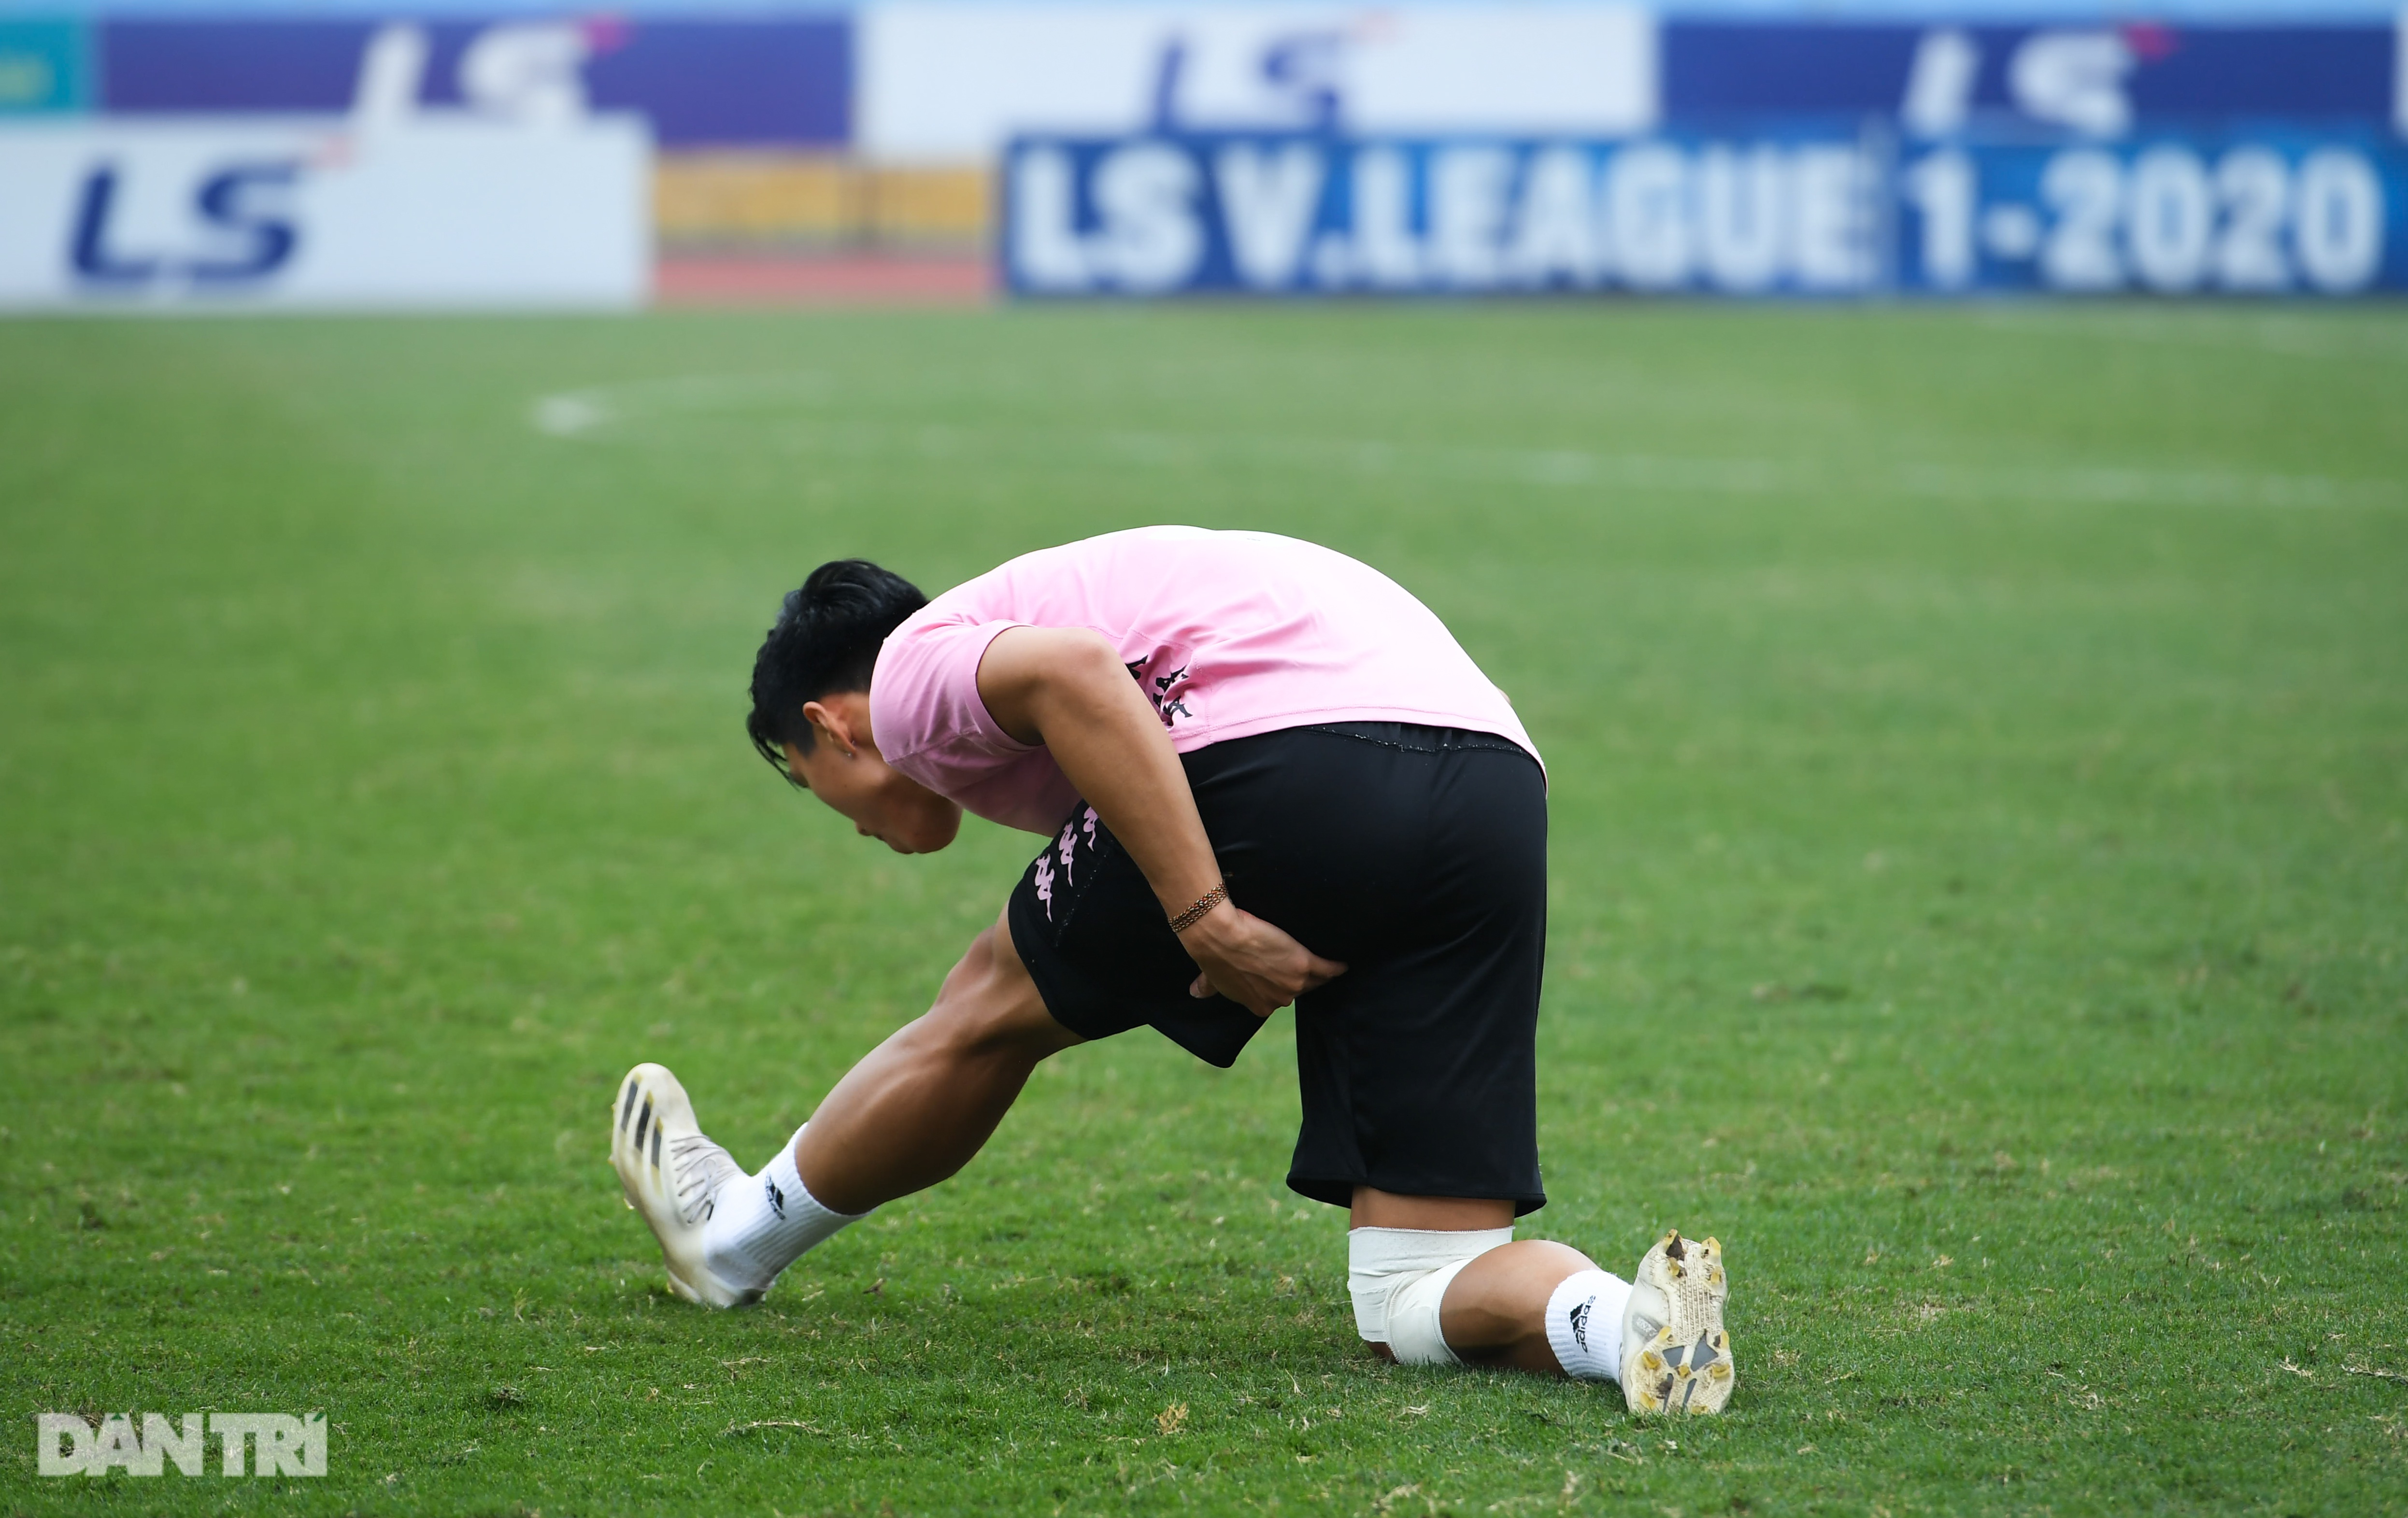 Văn Hậu tích cực tập luyện, có thể ra sân trước CLB Viettel - 3